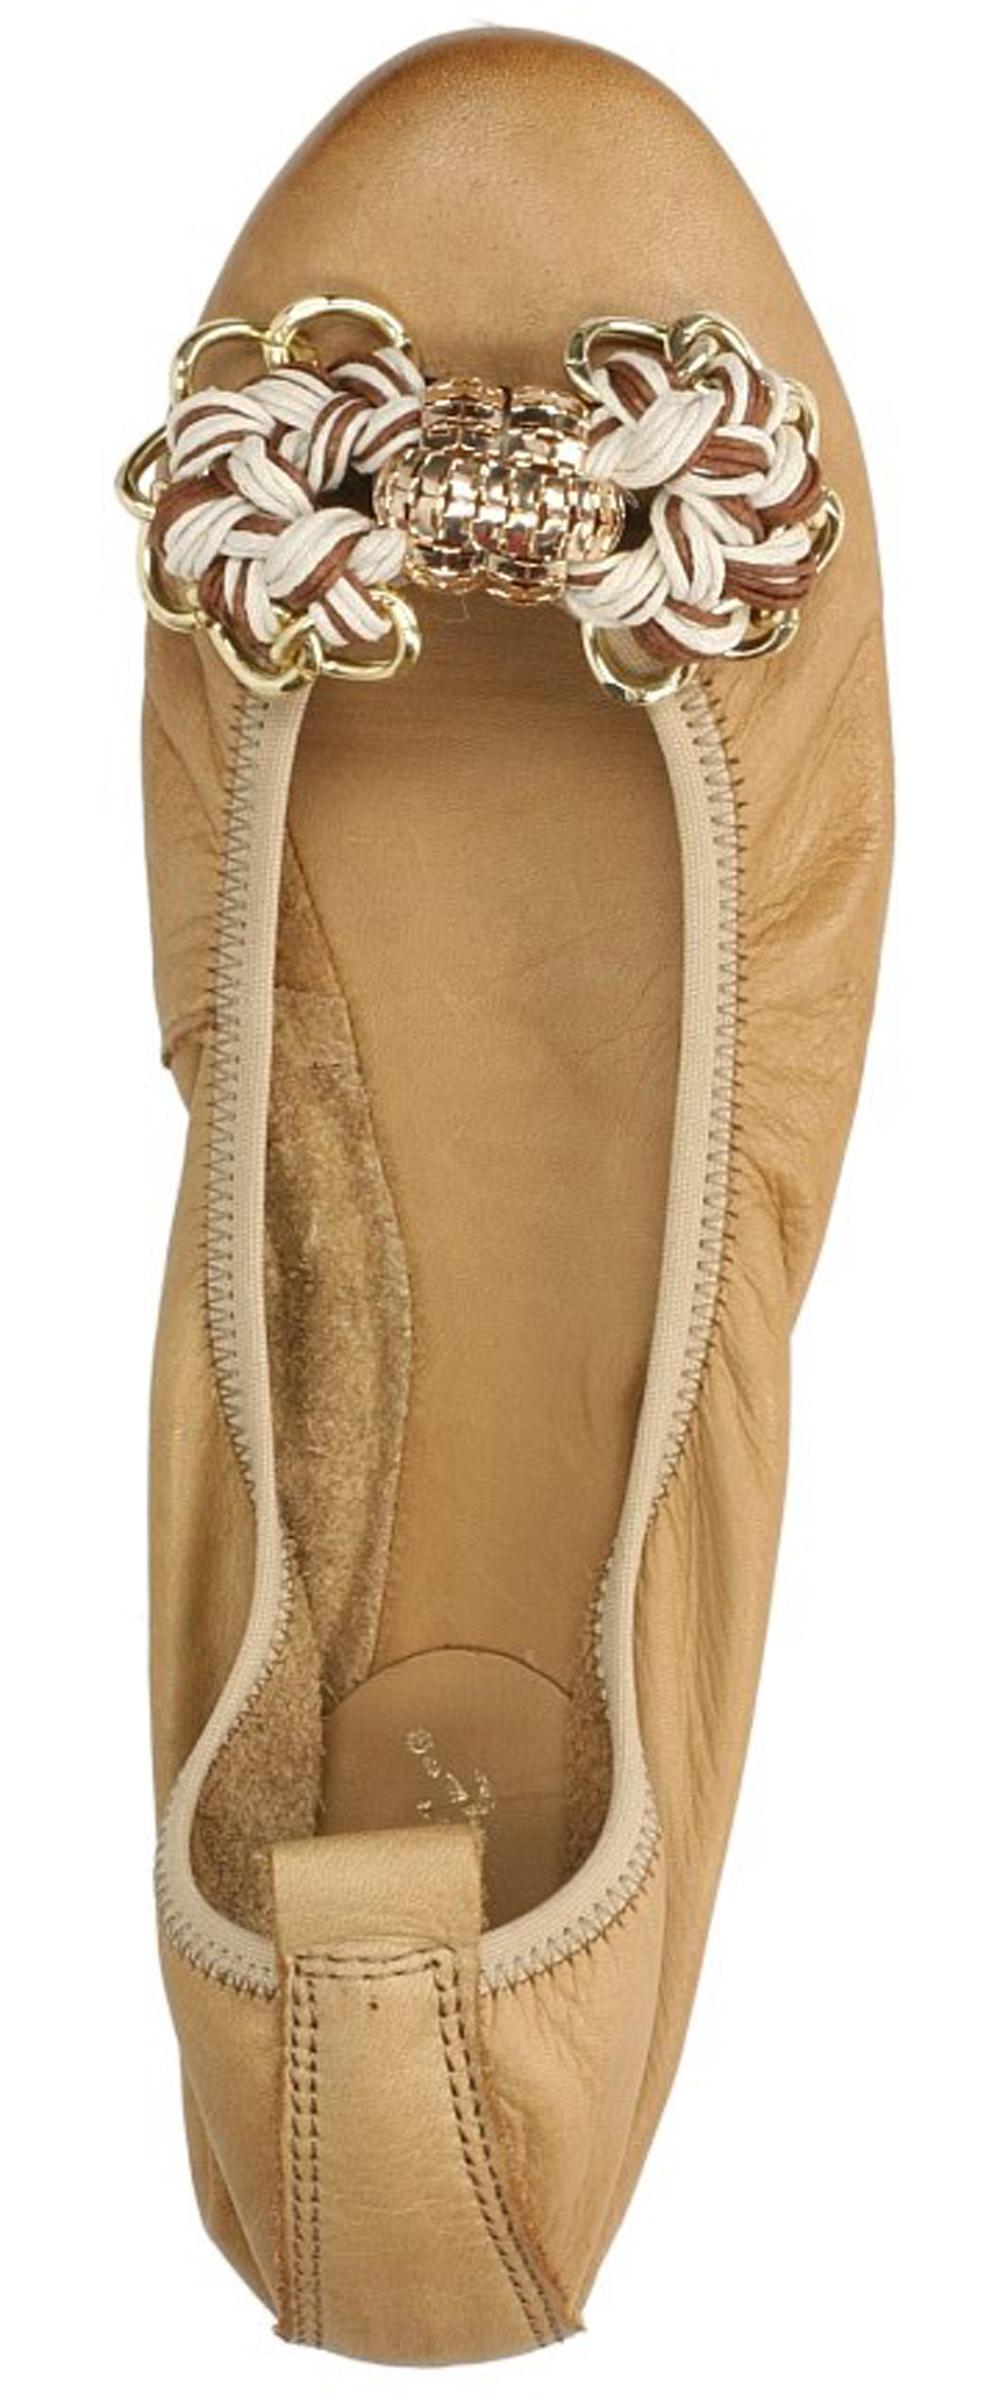 BALERINY CARINII MK1816 kolor cappucino